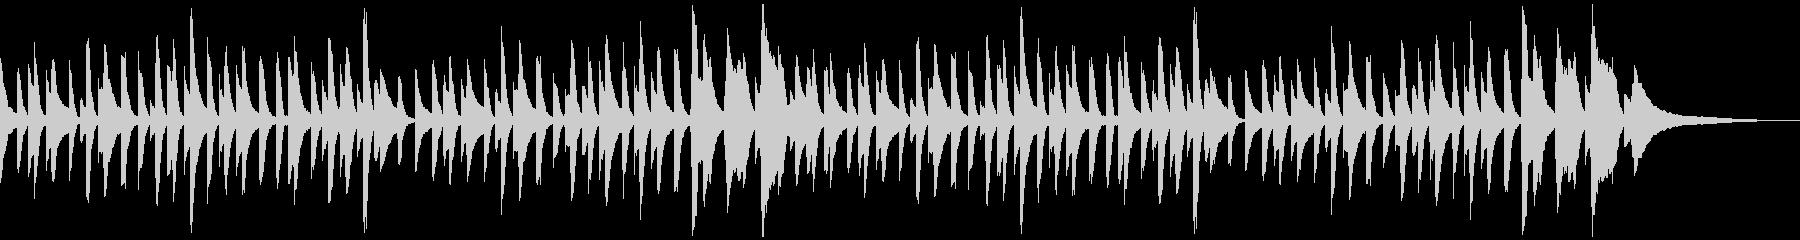 童謡「桃太郎」シンプルなピアノソロの未再生の波形